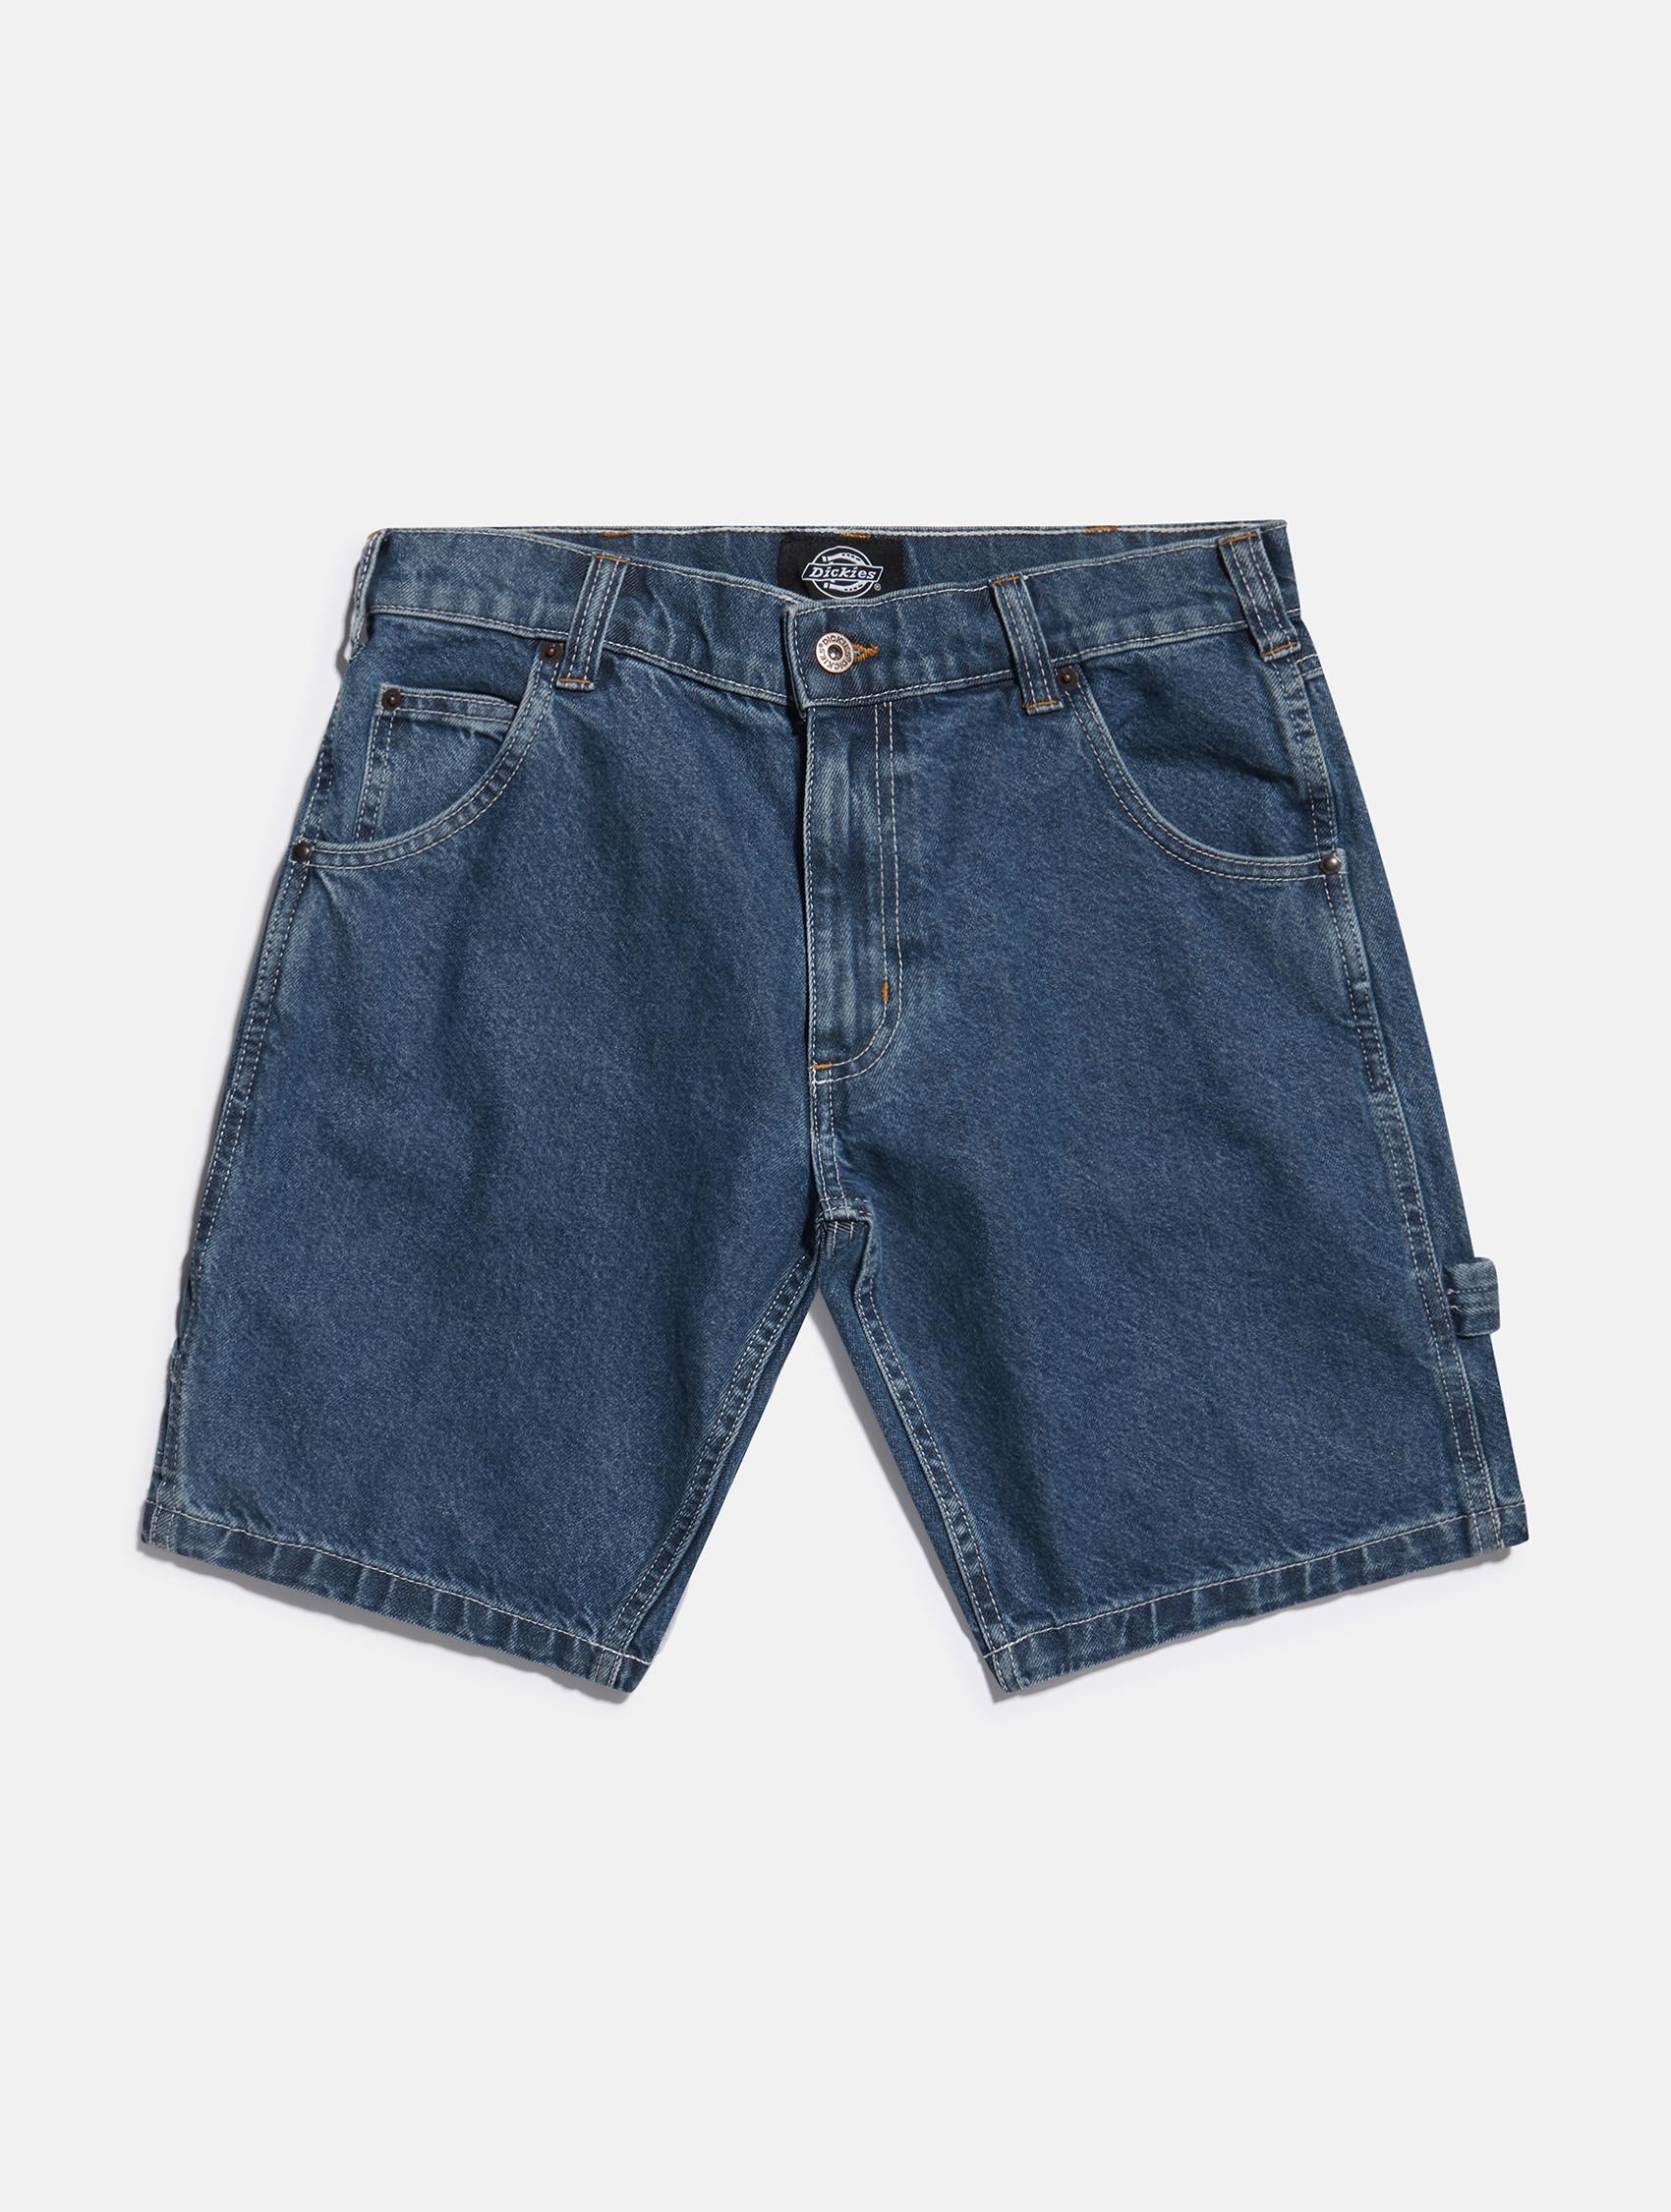 Dickies short blue denim shorts